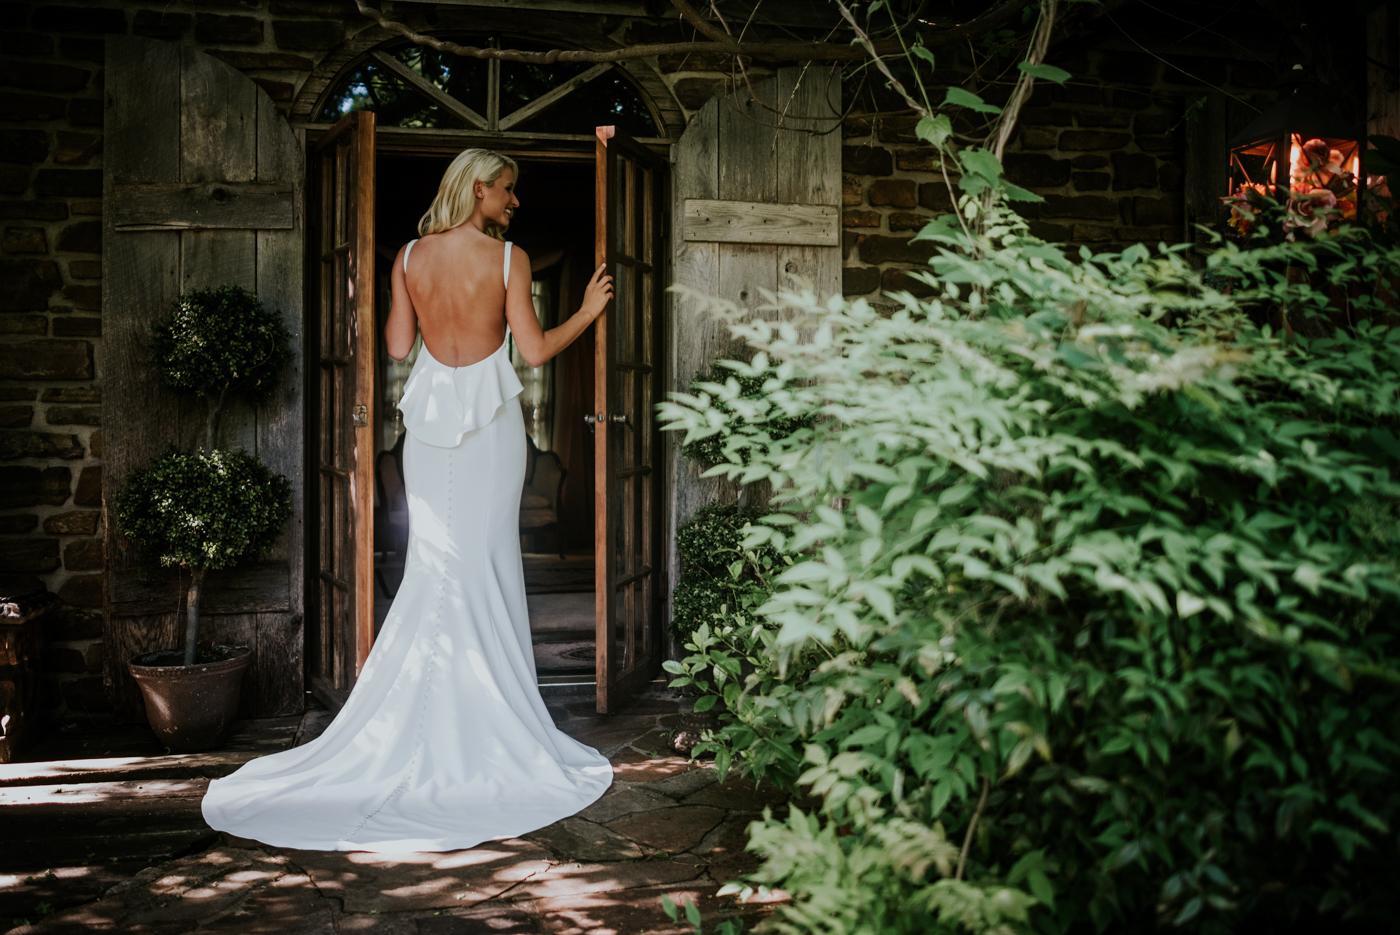 Sierra+Jacob.Wedding.Blog©mileswittboyer.com2018-33.jpg